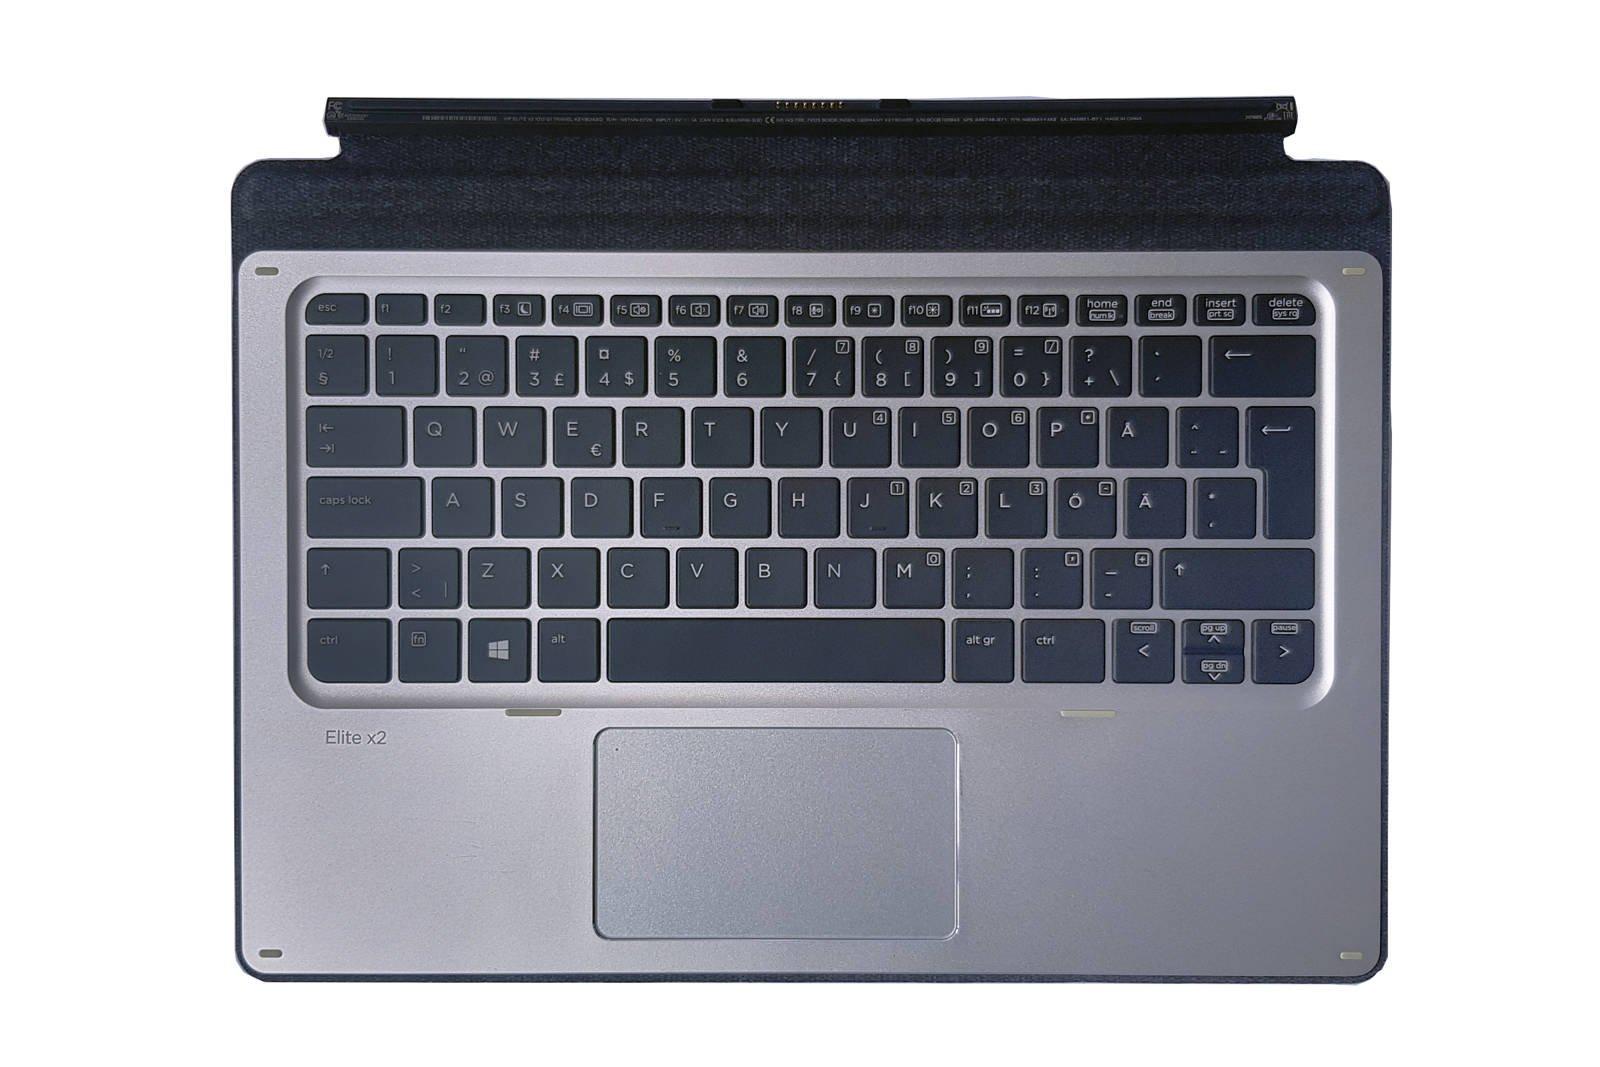 HP Elite x2 1012 G1 Travel Keyboard HSTNN-D72K Slovenian